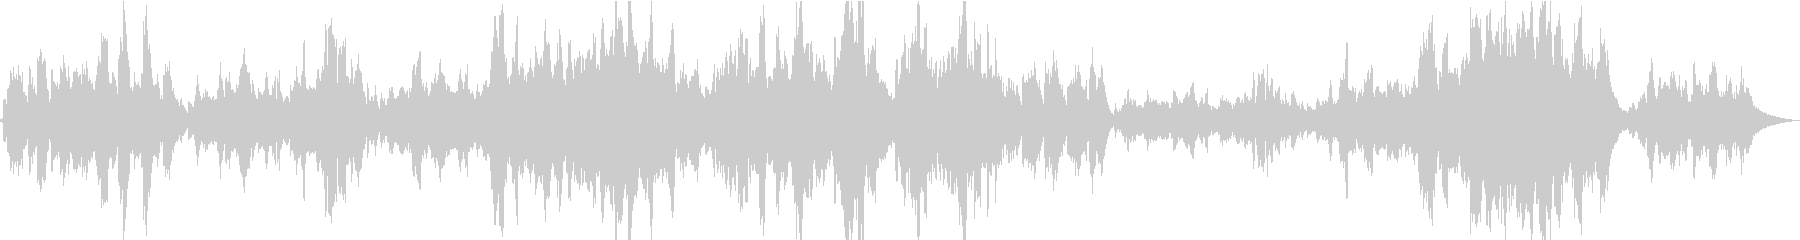 クラシックトリオ。アスター・ピアソ...の未再生の波形